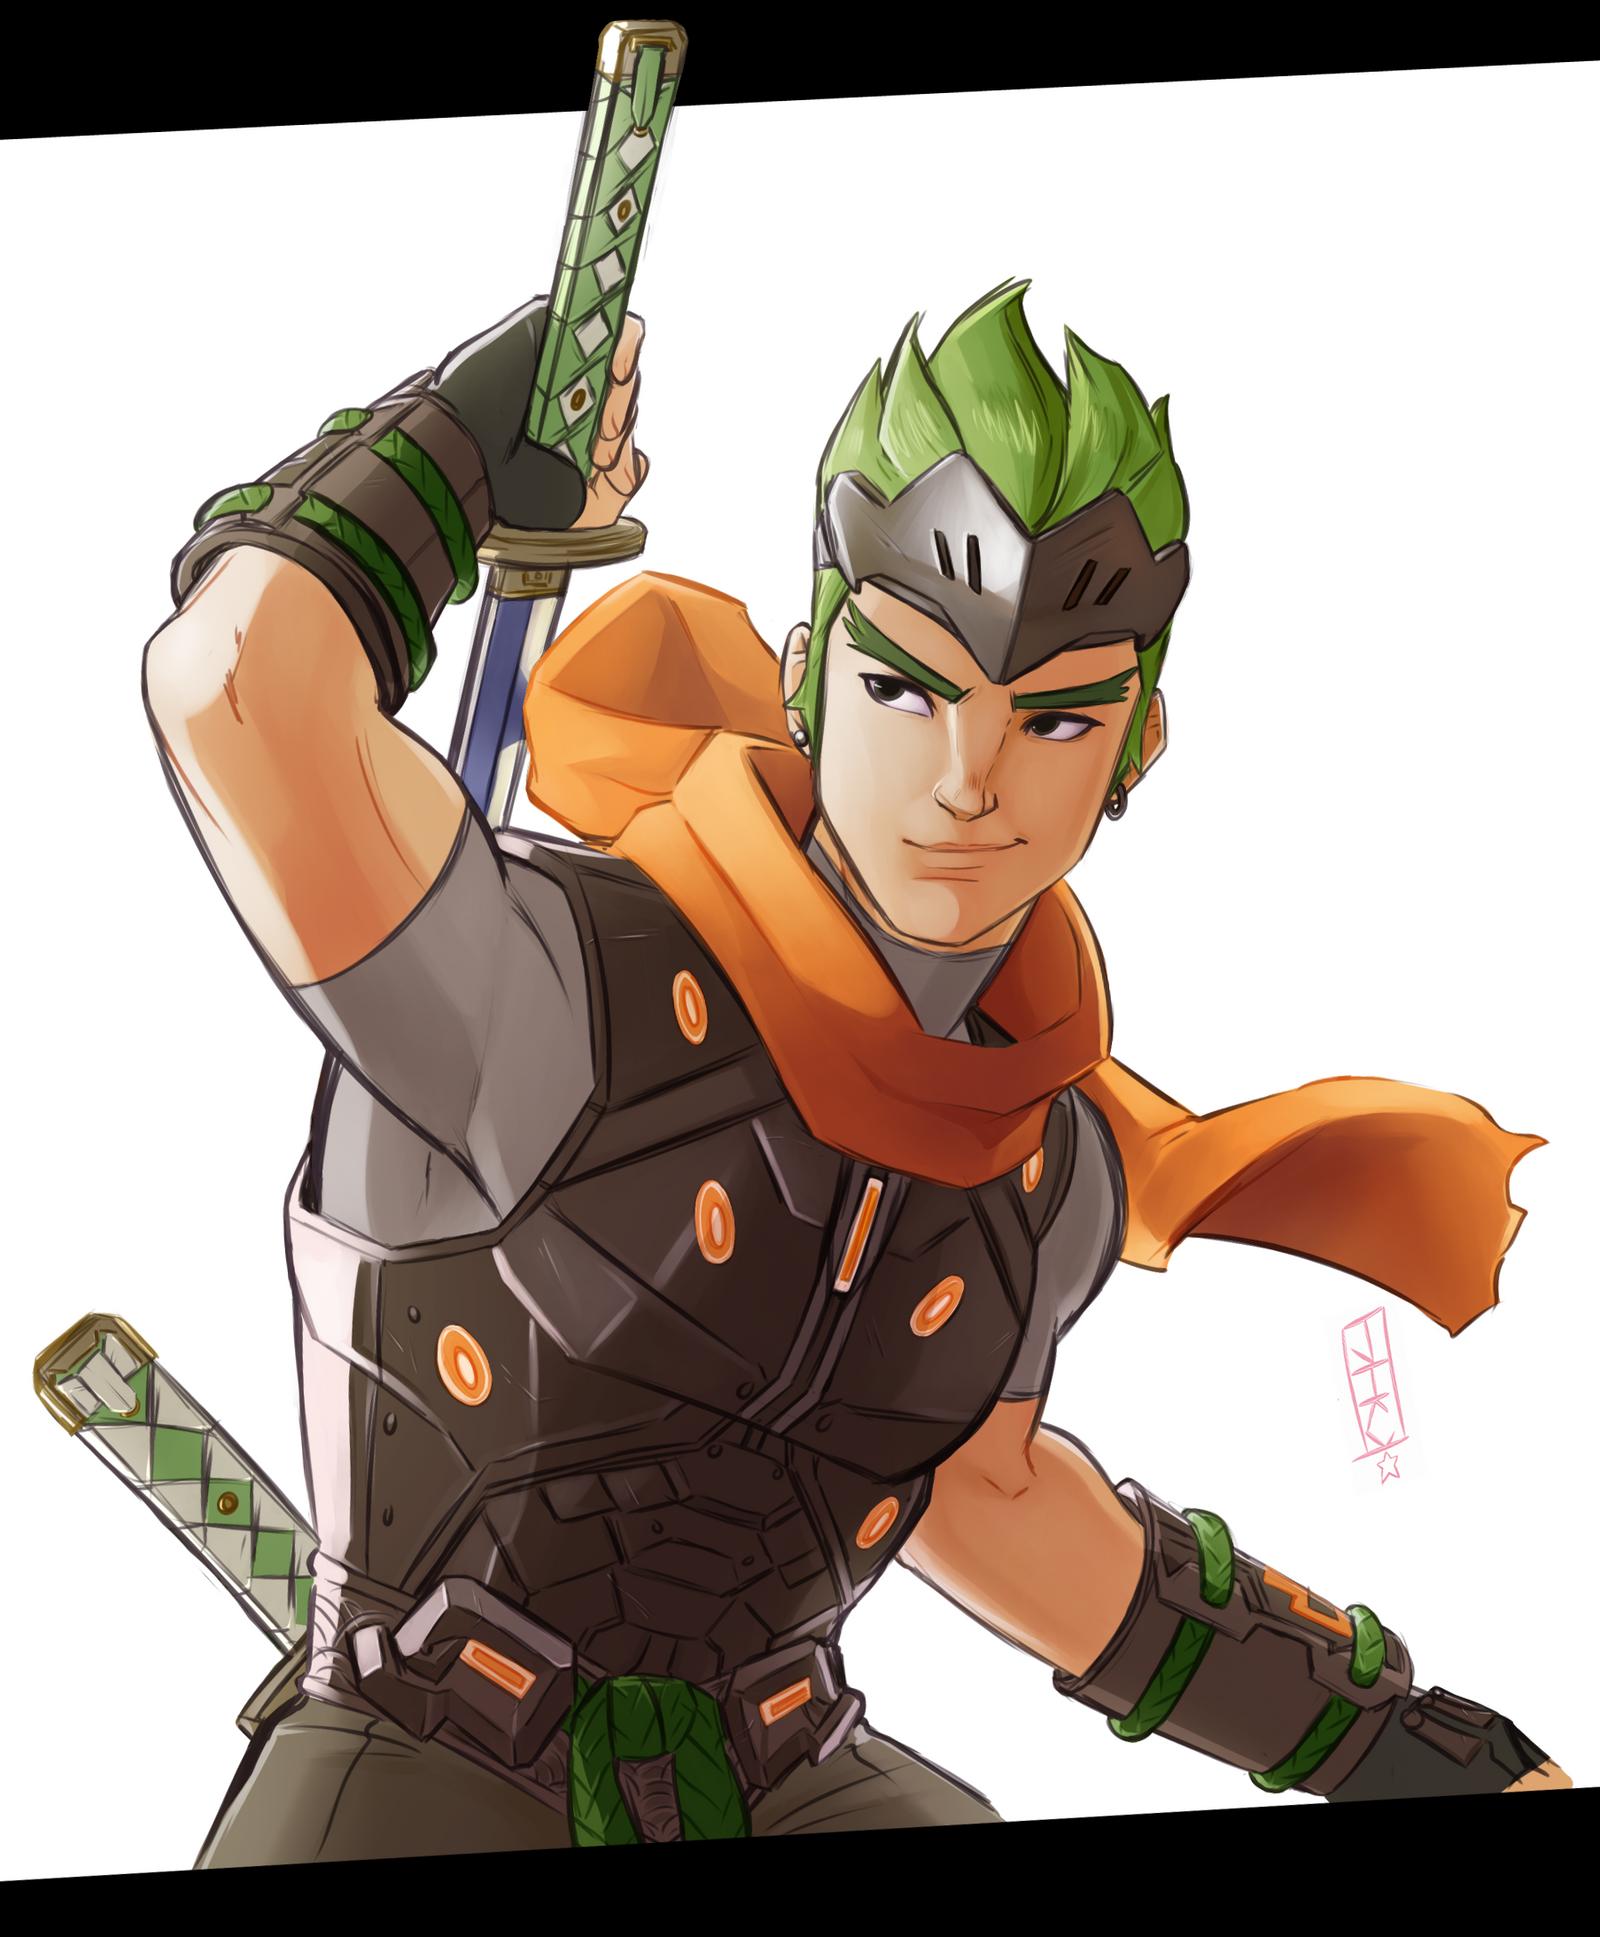 Genji by JICheshire